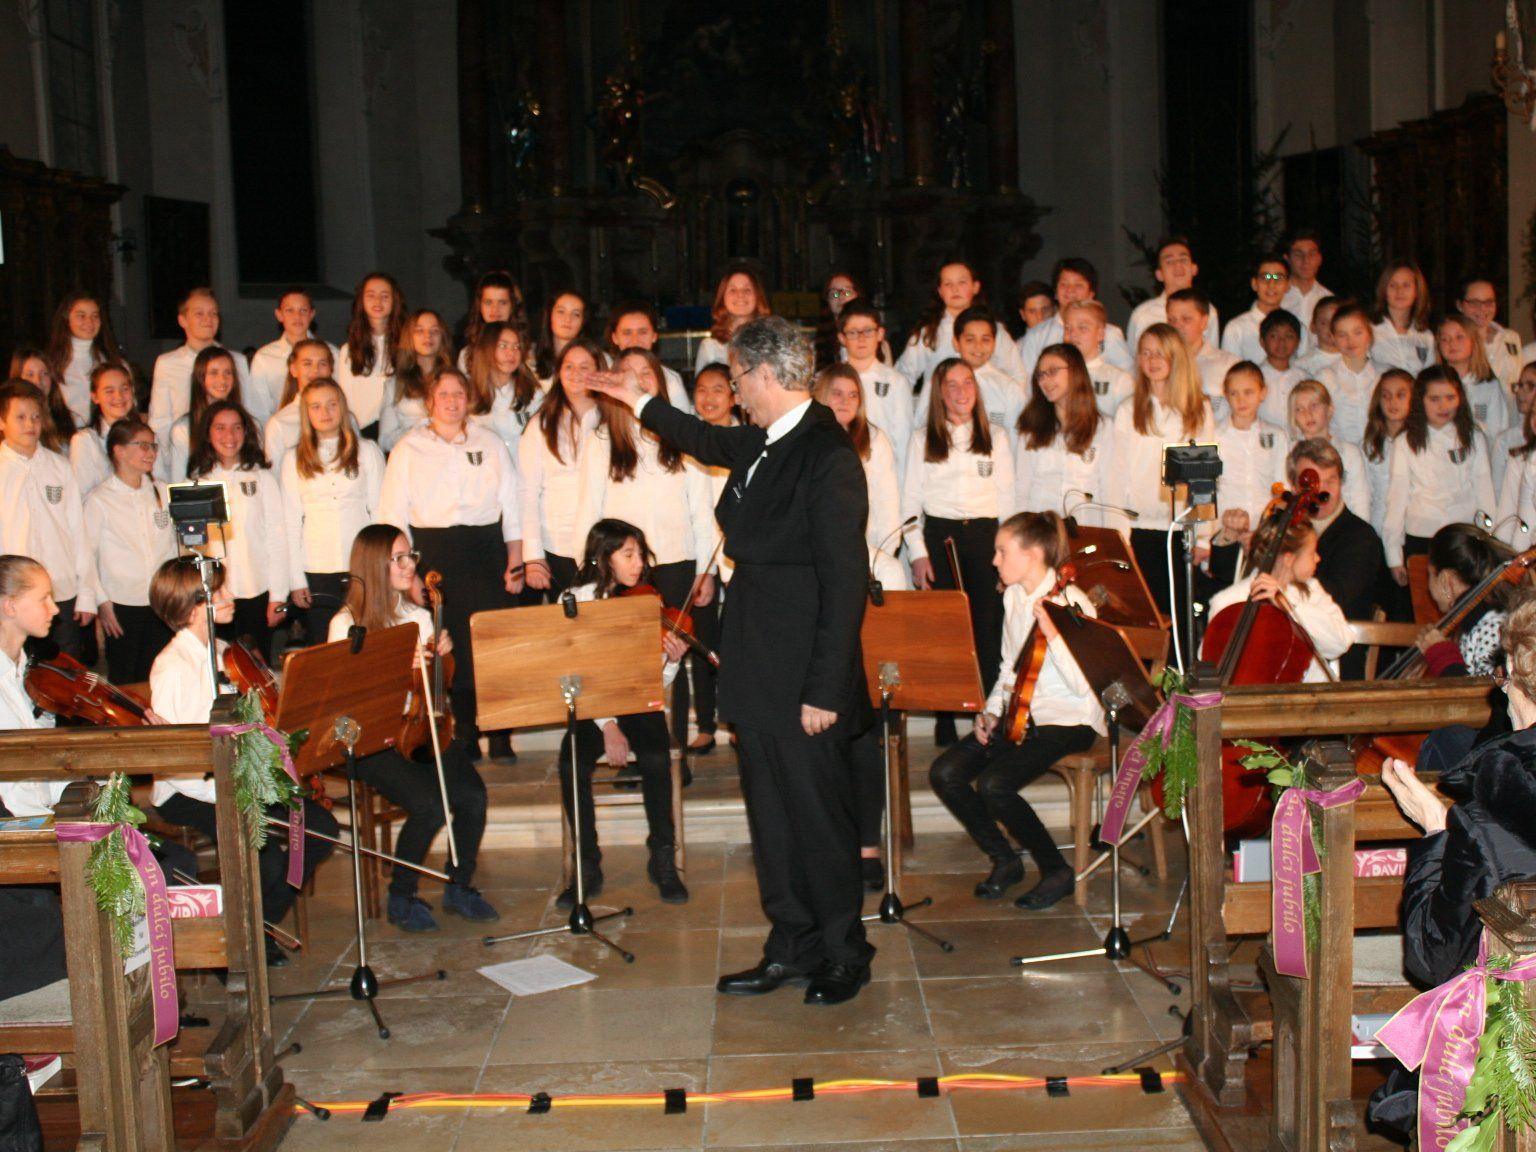 Rund 100 Kinder und Jugendliche der Musikmittelschule Bregenz-Stadt sorgten für ein fulminantes Konzert